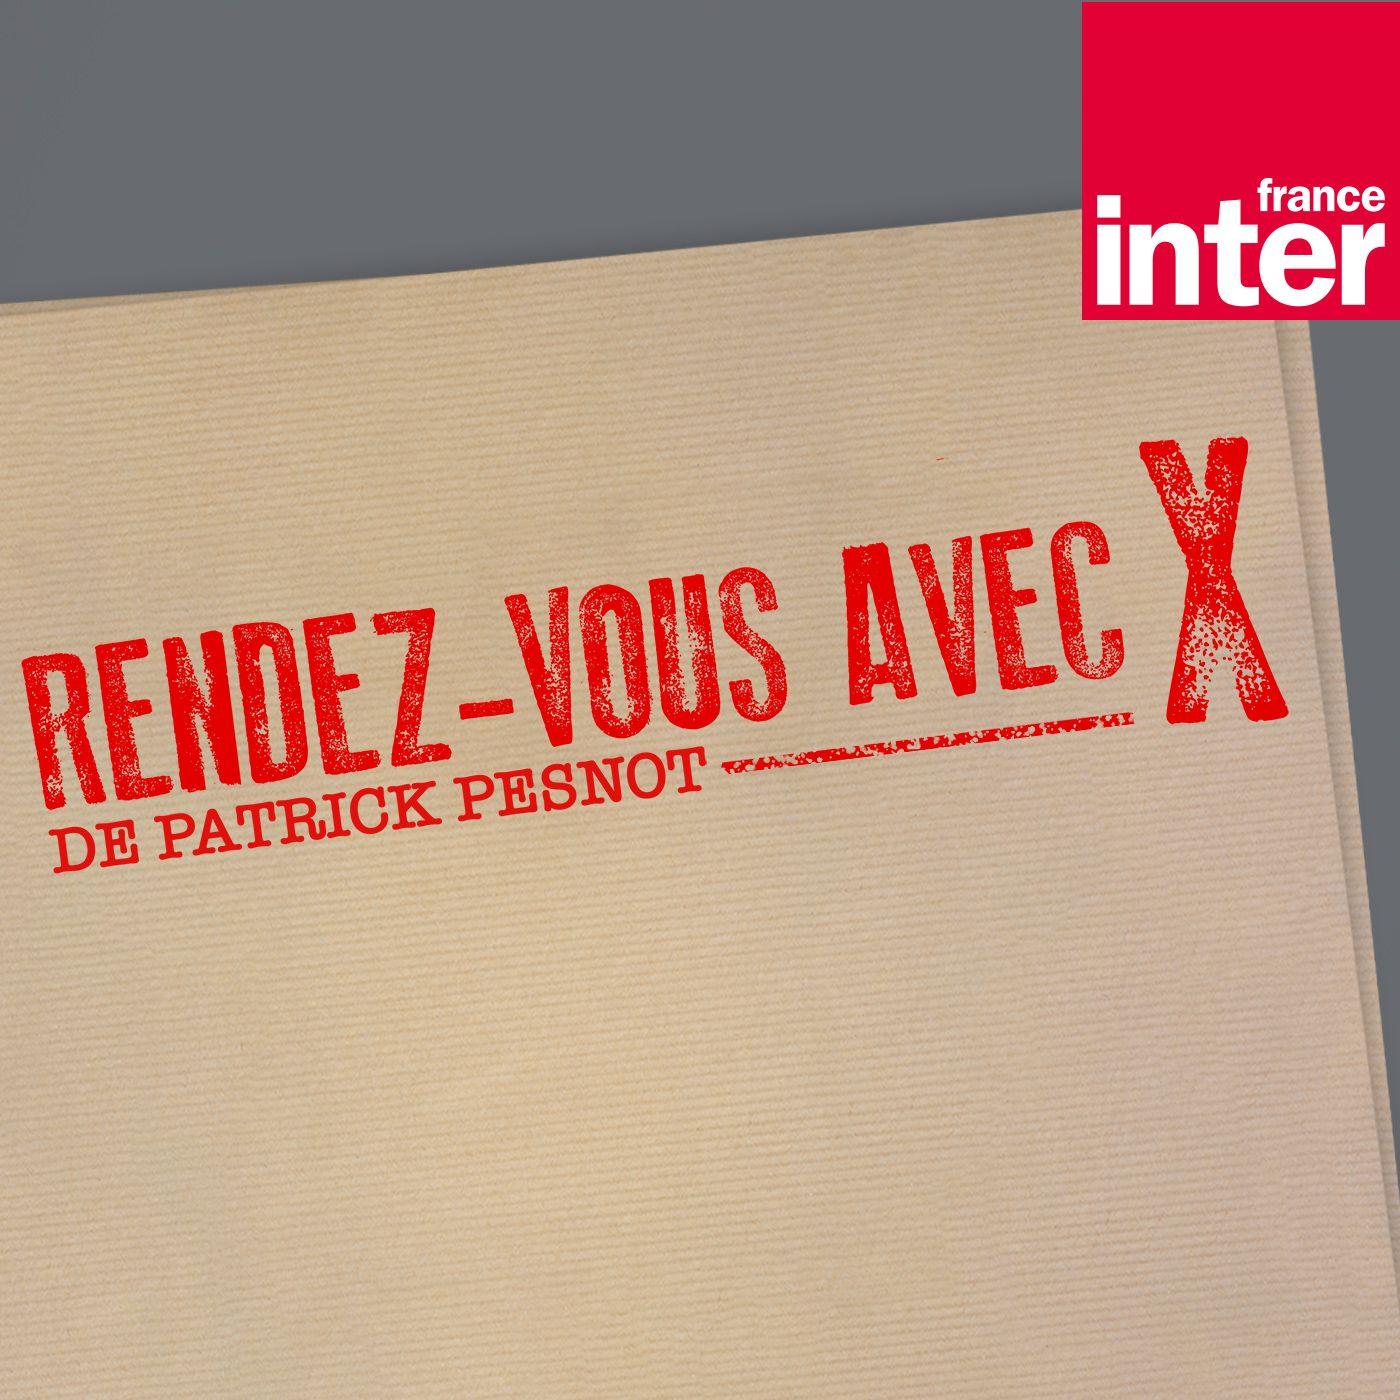 Image 1: Rendez vous avec X